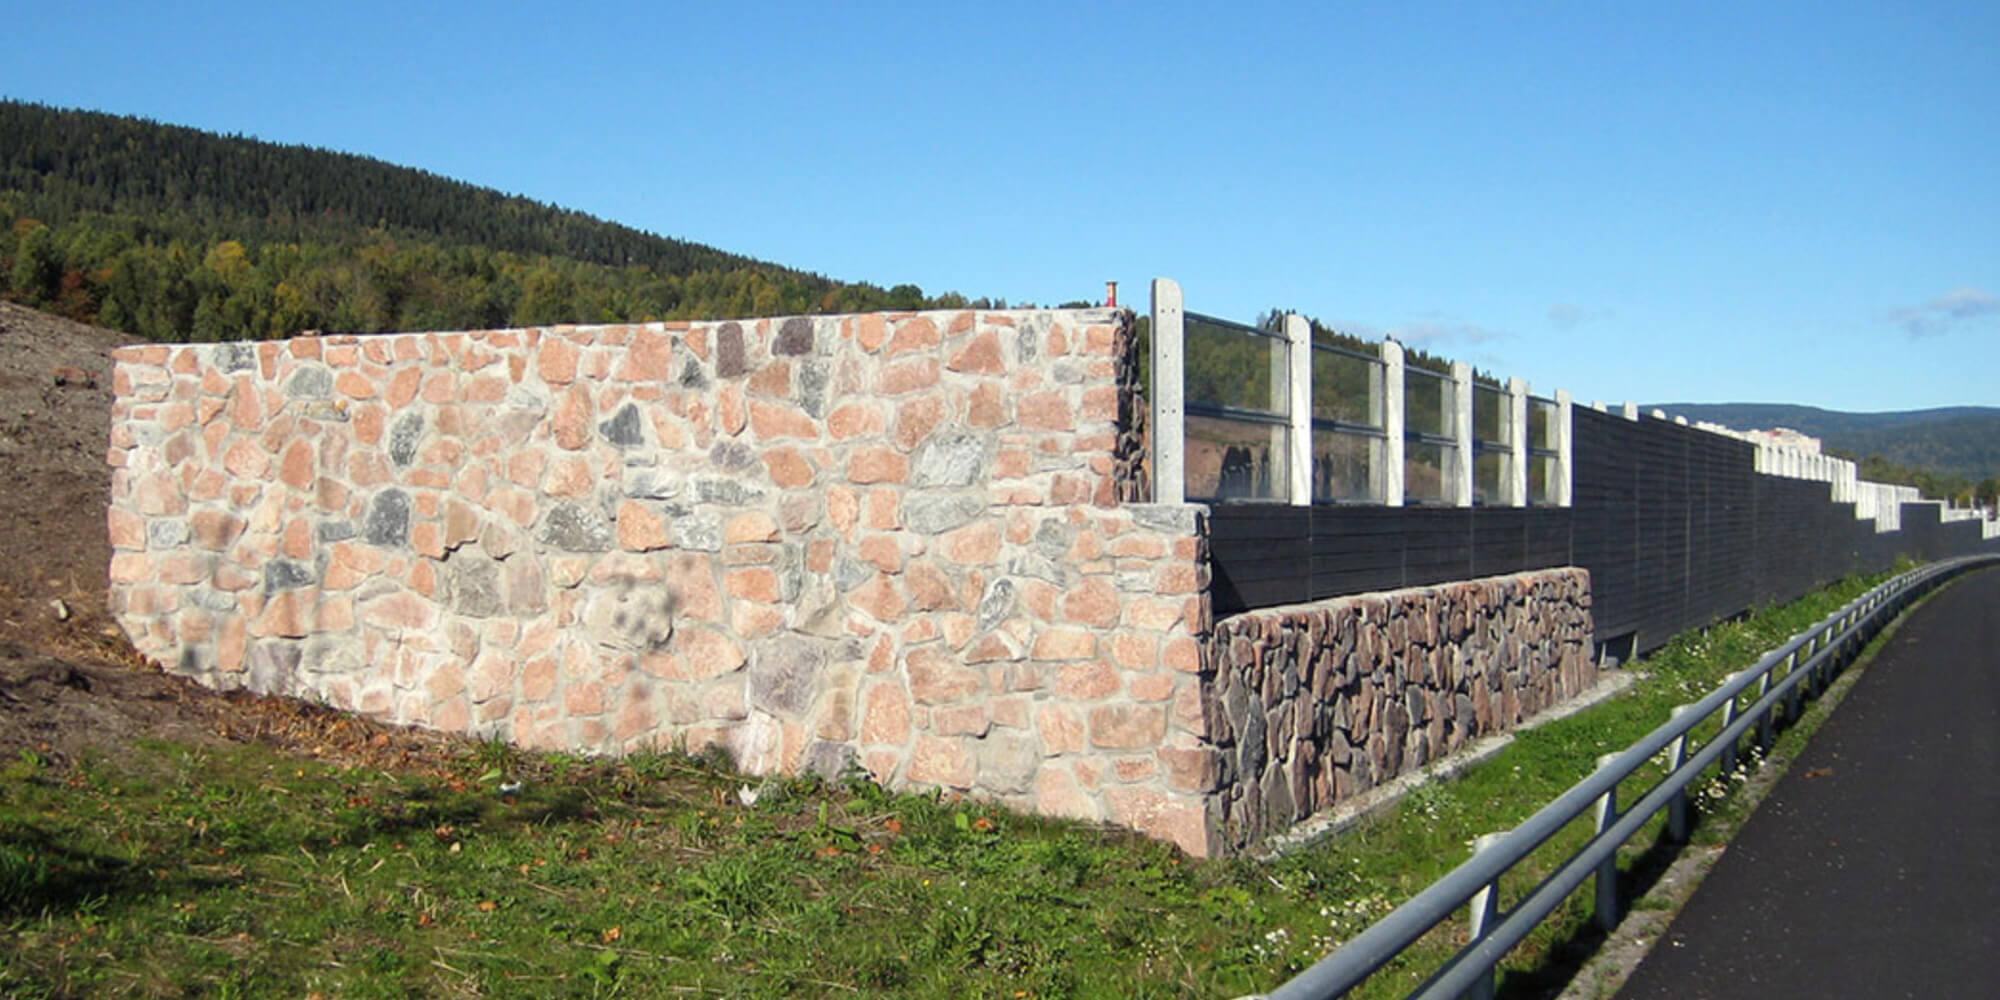 Granitt_Stoyskjerm_E6_Drammen (1)